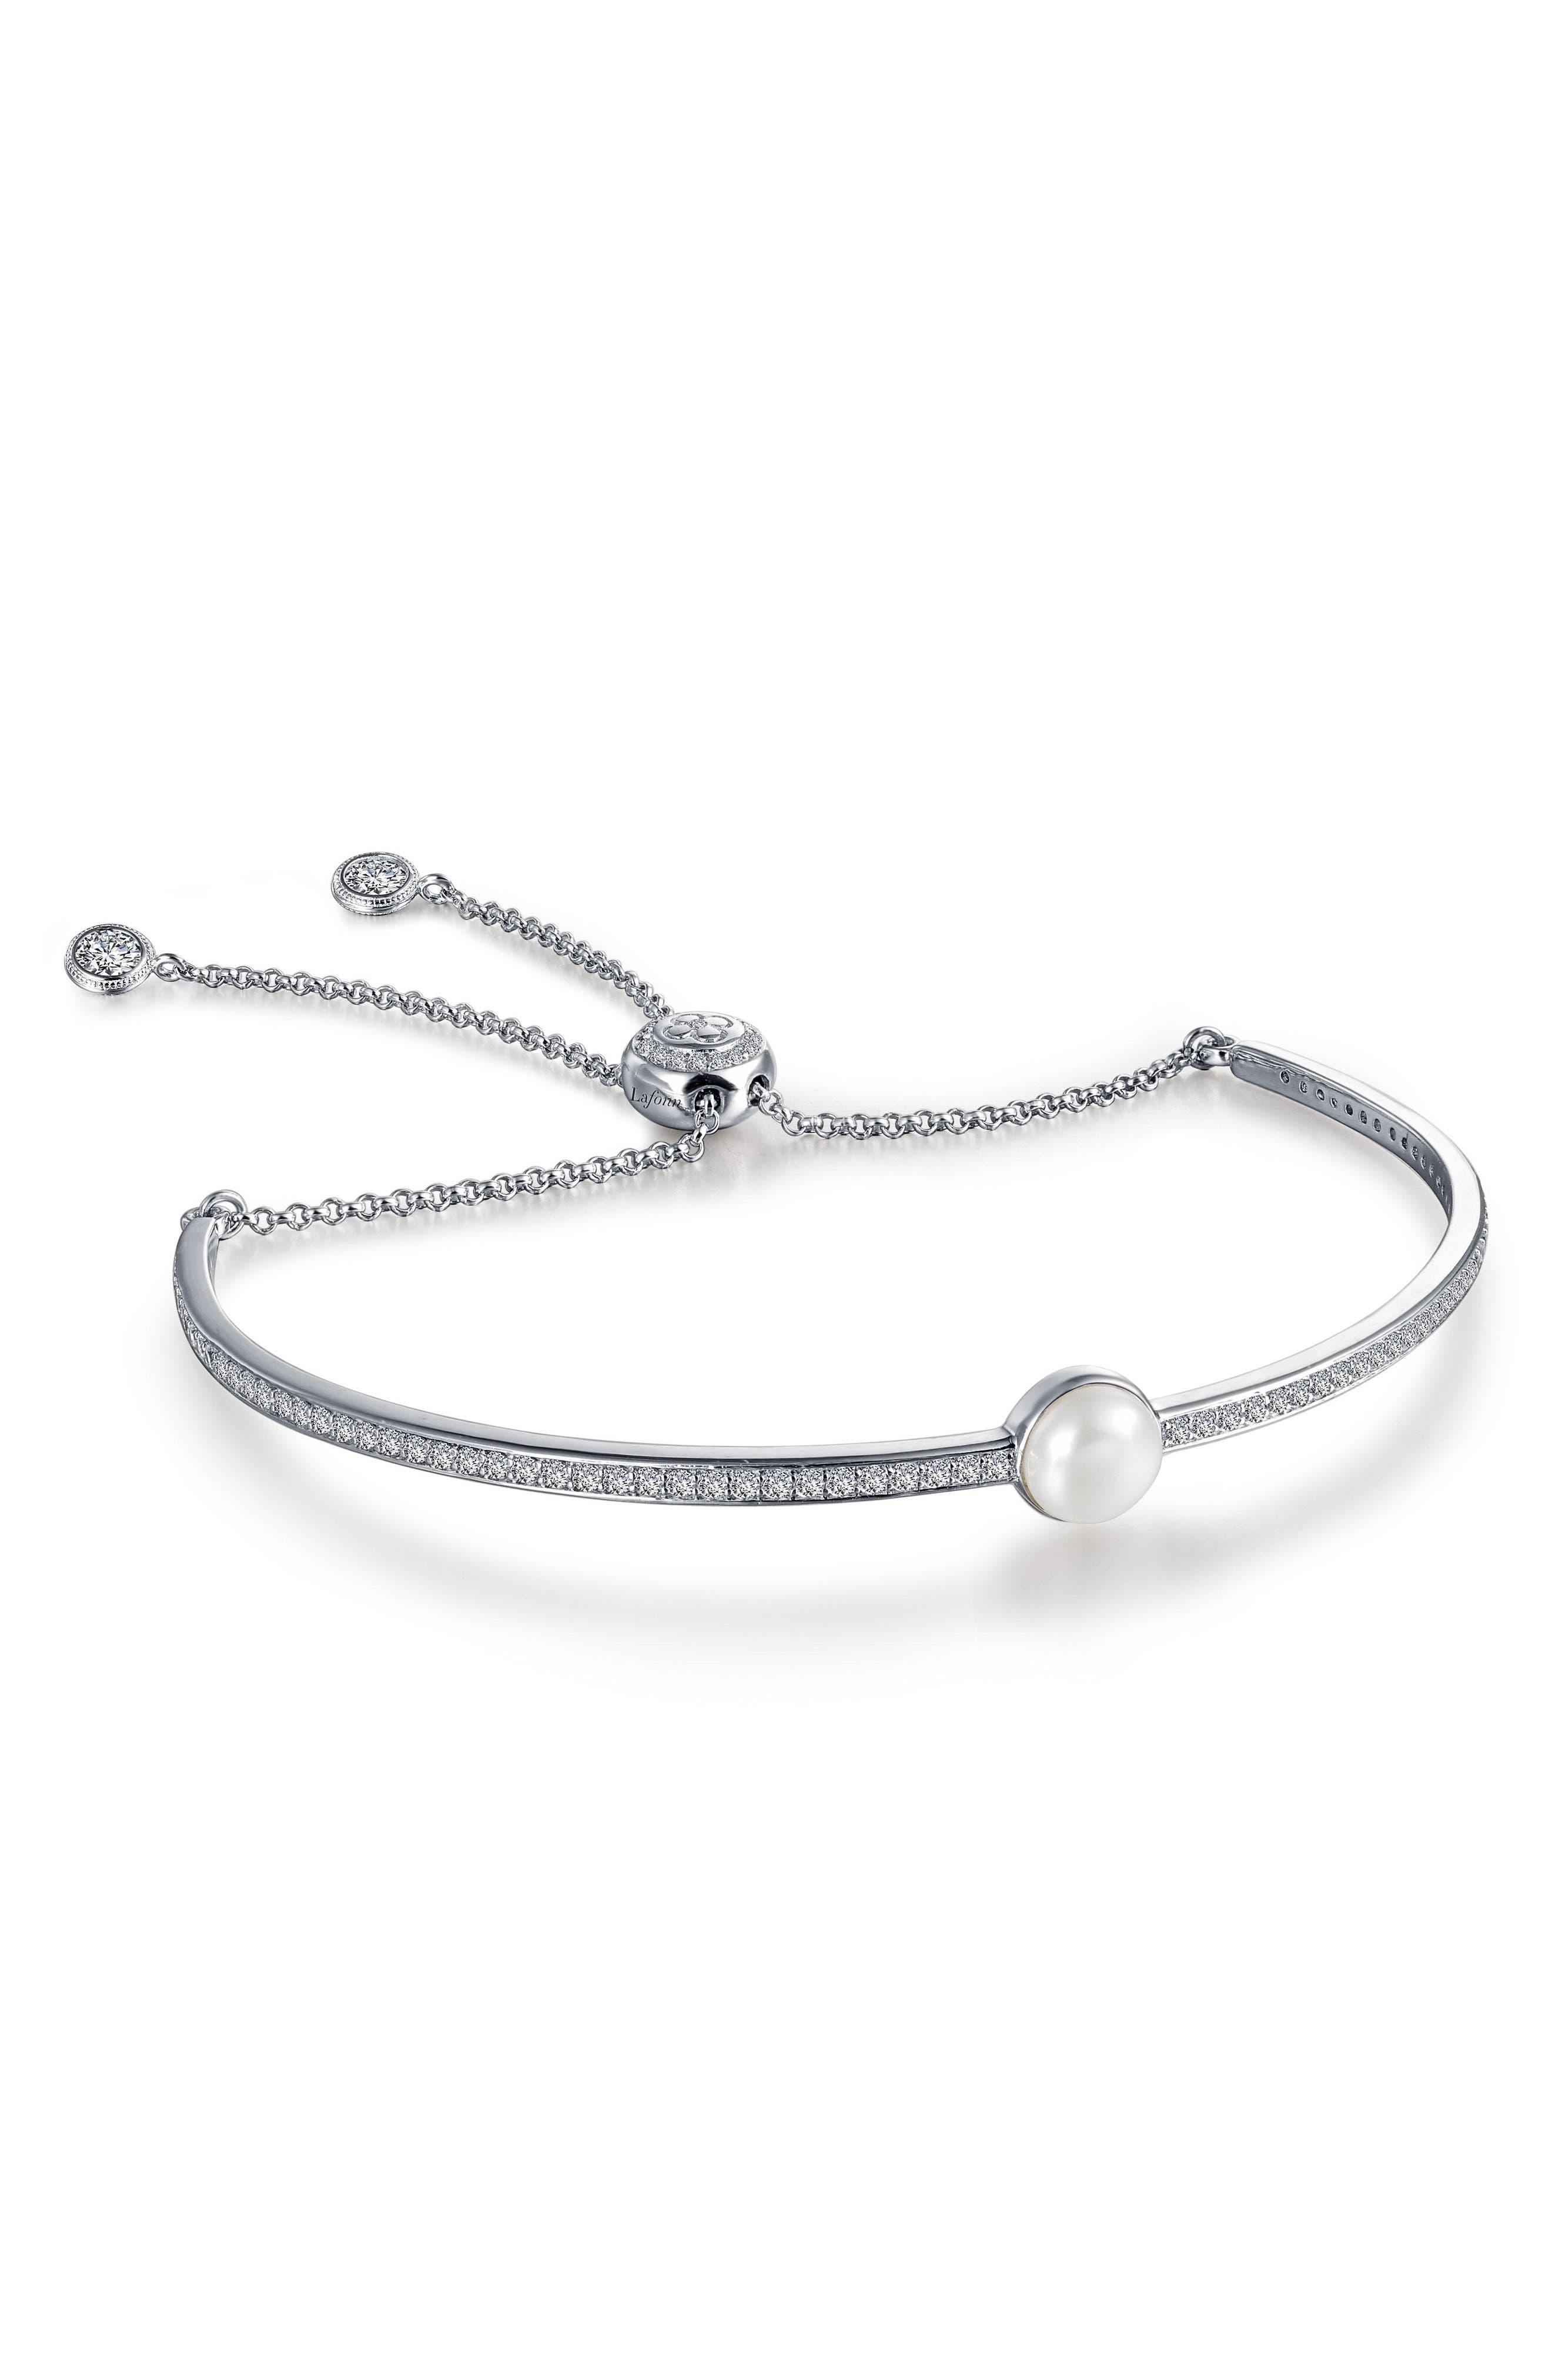 Lafonn Jewel Simulated Diamond Birthstone Bracelet